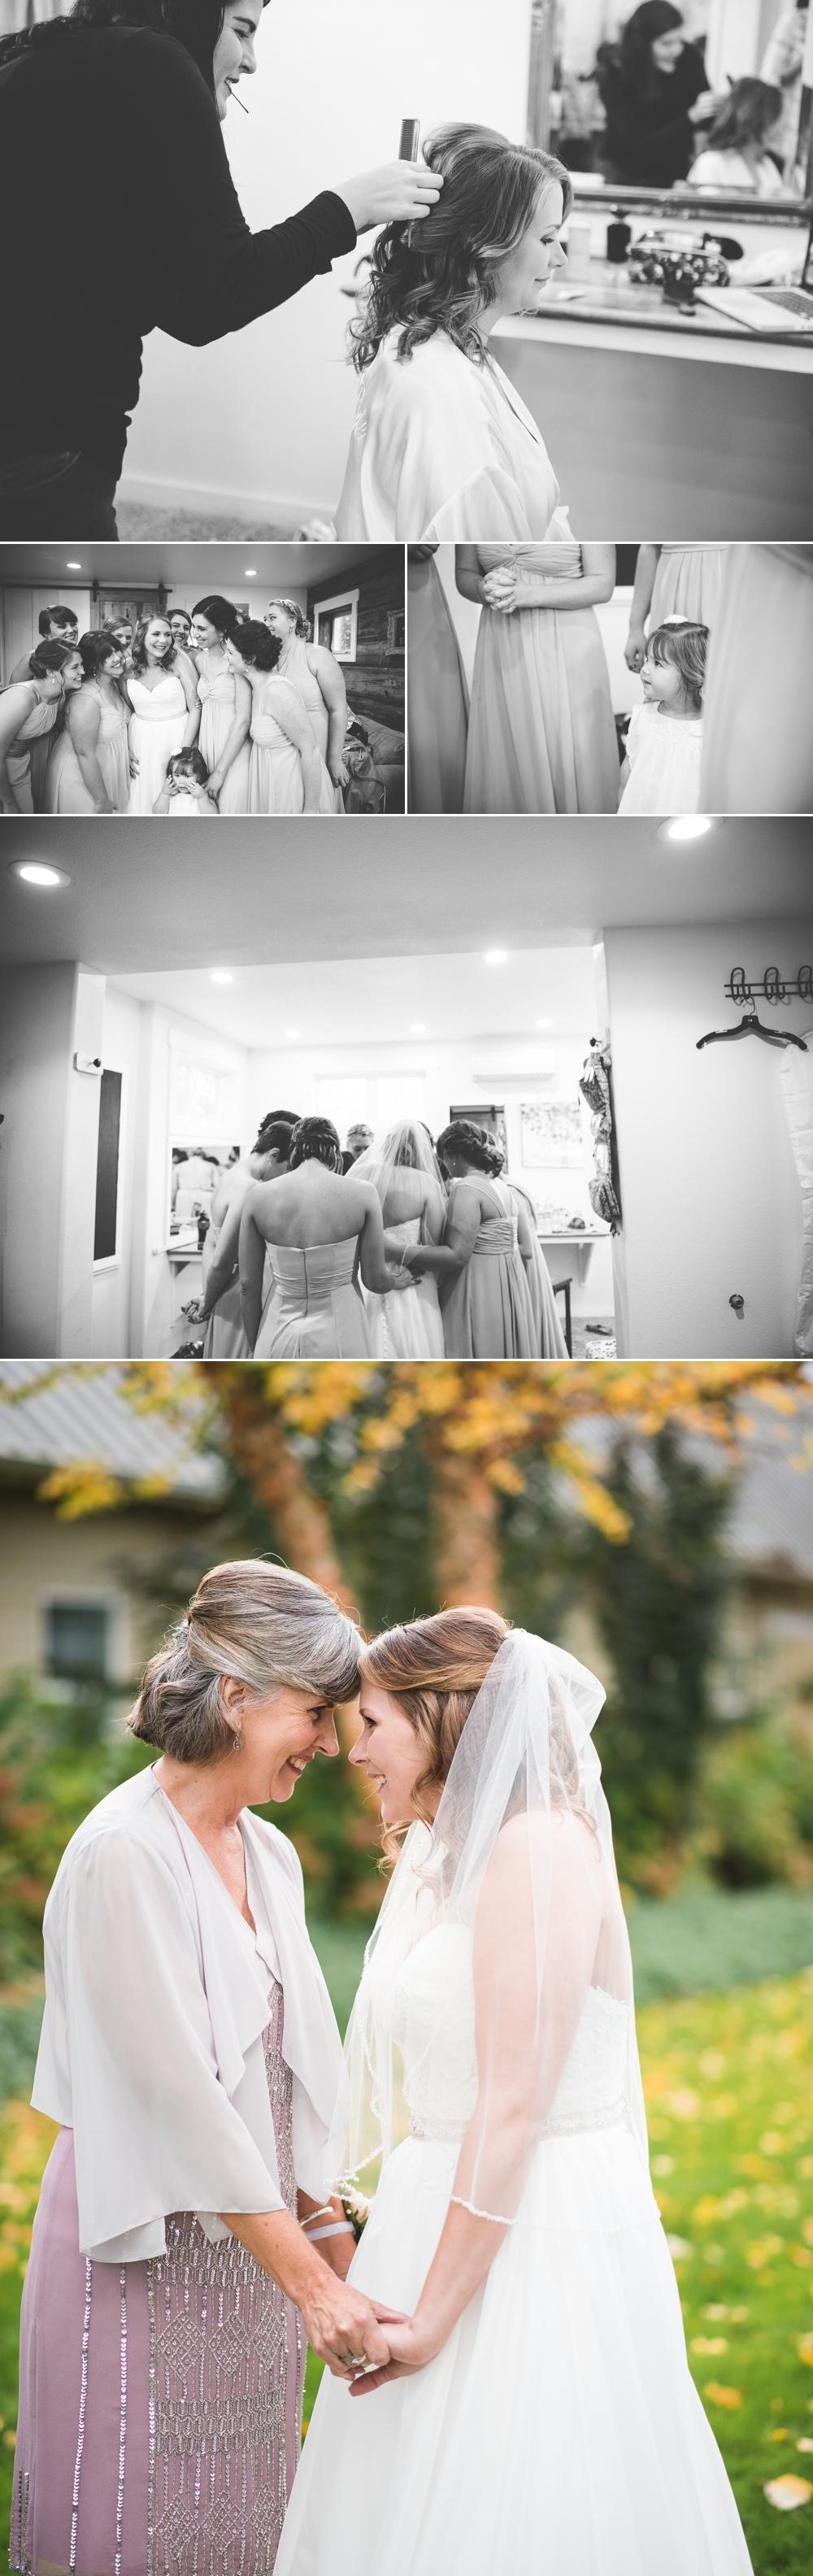 Sophia + Rodney Wedding 7.jpg